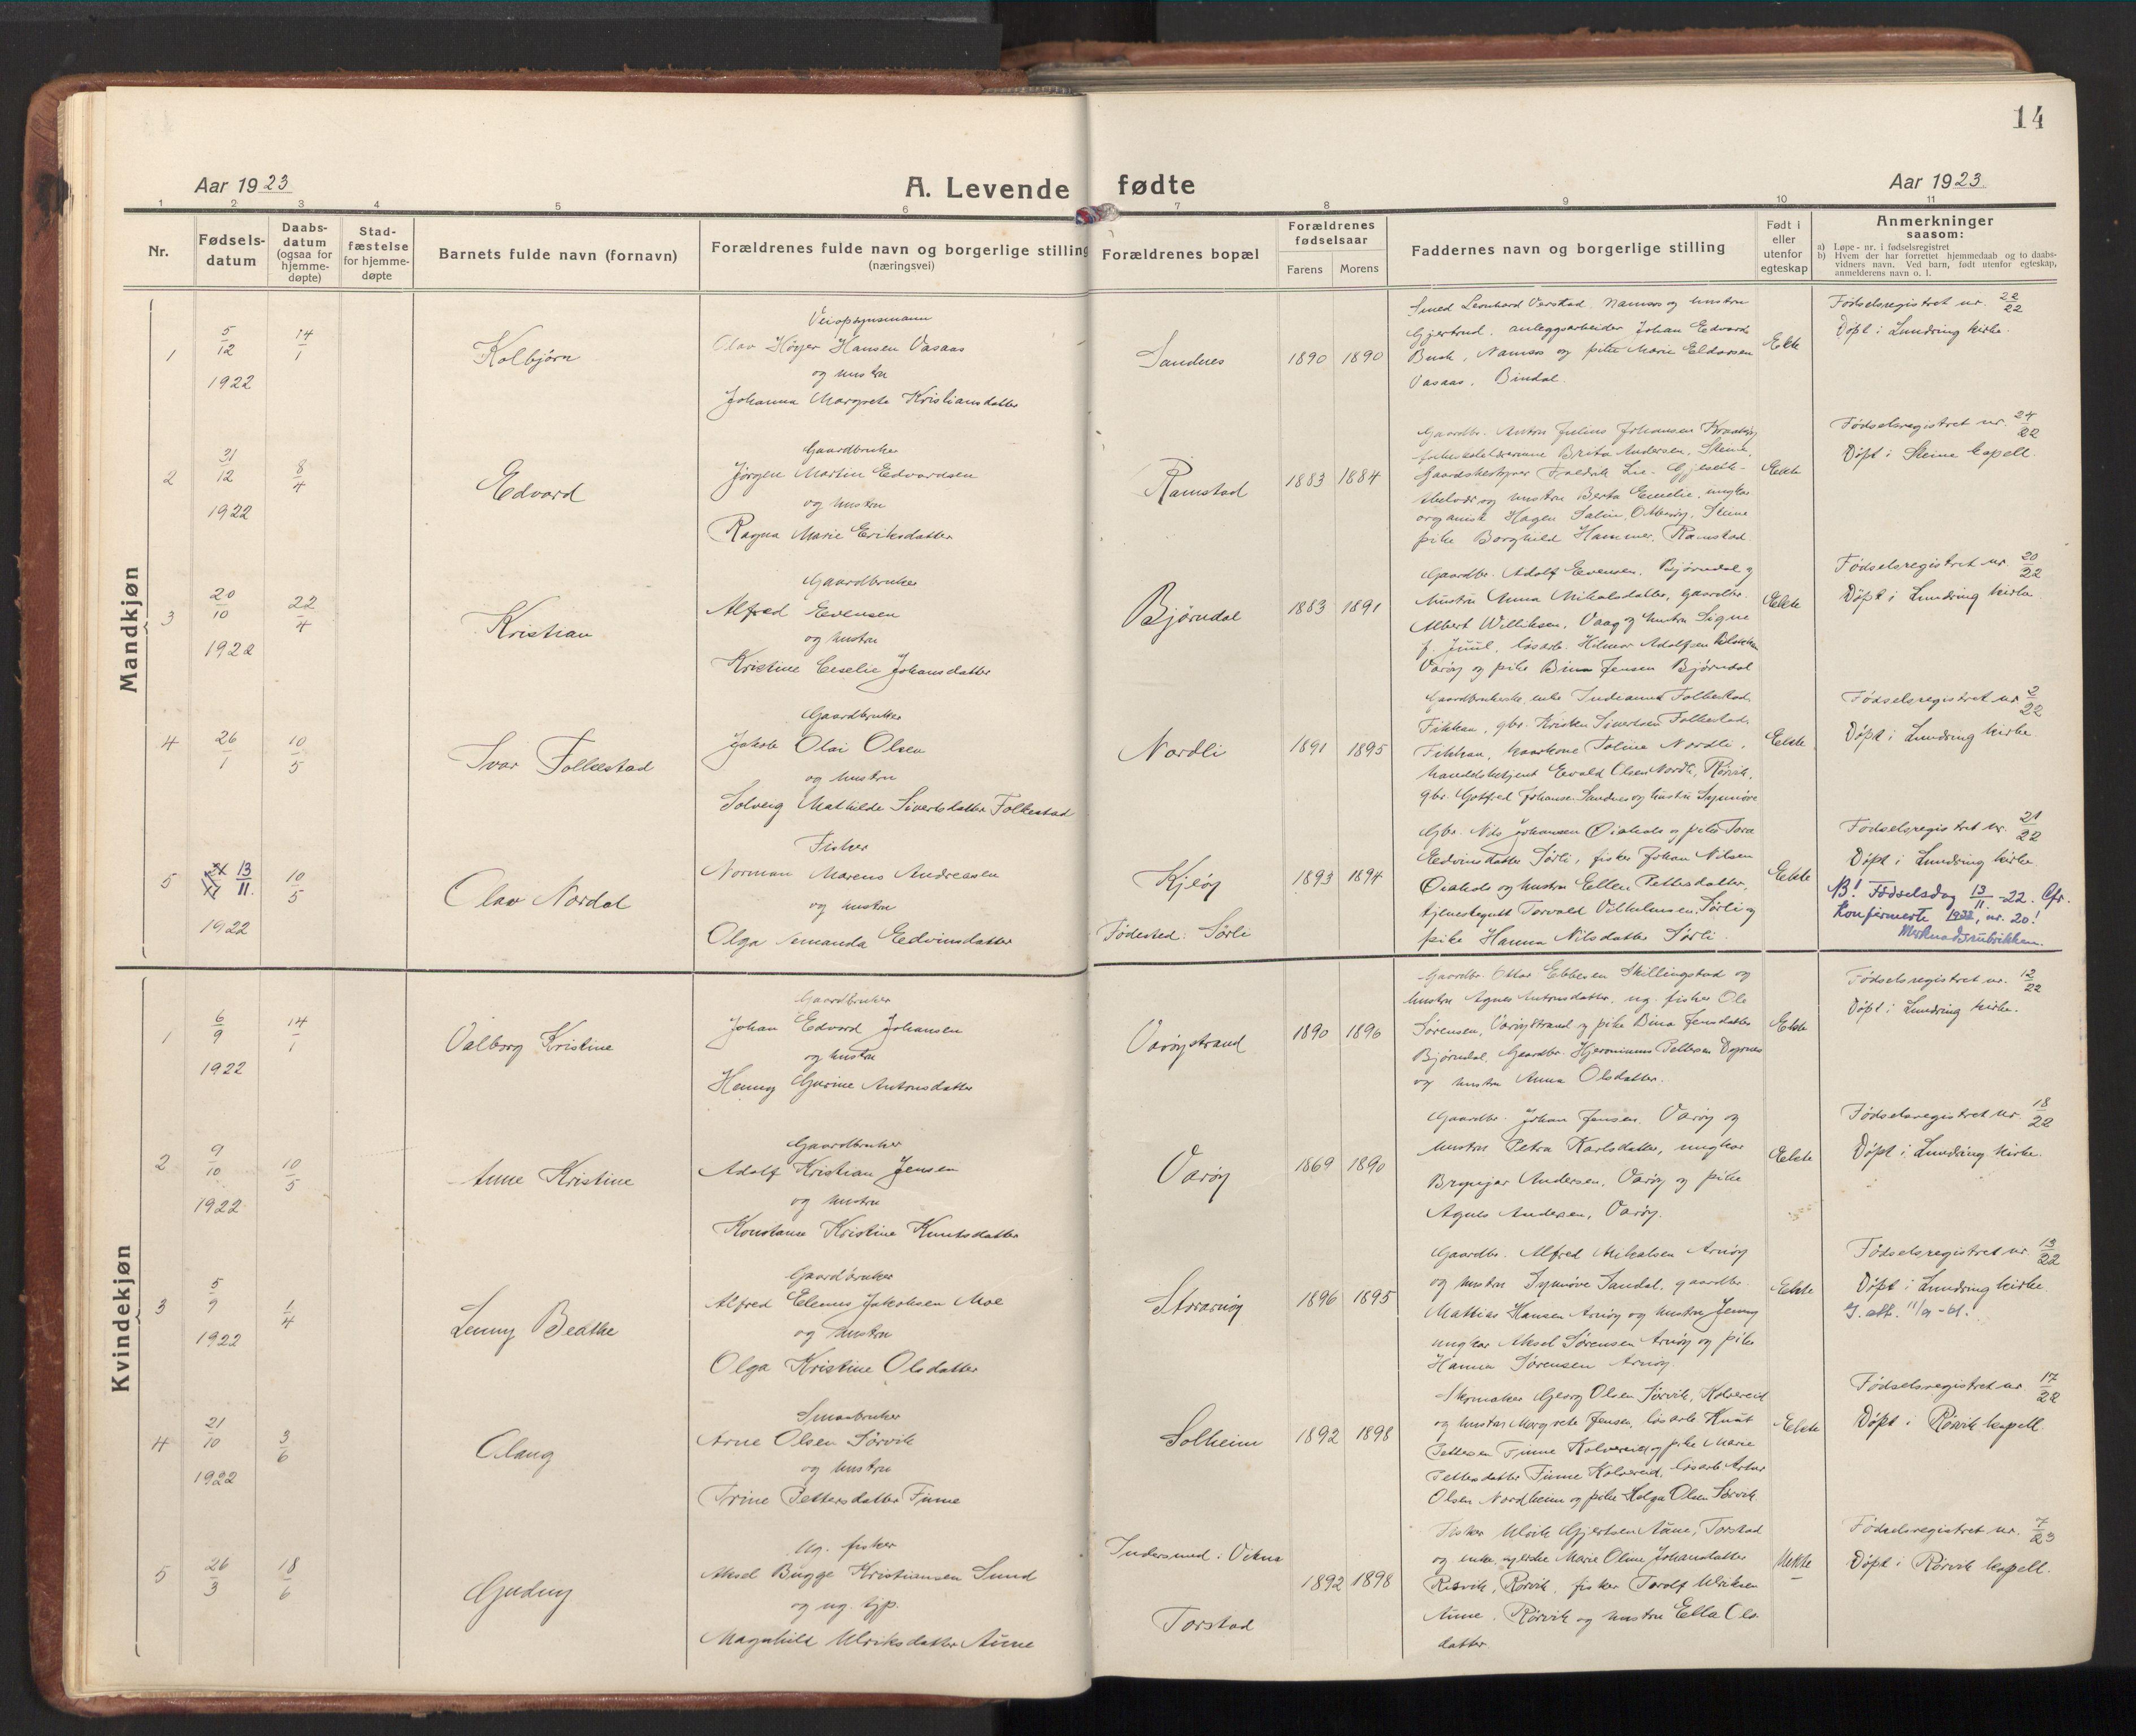 SAT, Ministerialprotokoller, klokkerbøker og fødselsregistre - Nord-Trøndelag, 784/L0678: Ministerialbok nr. 784A13, 1921-1938, s. 14